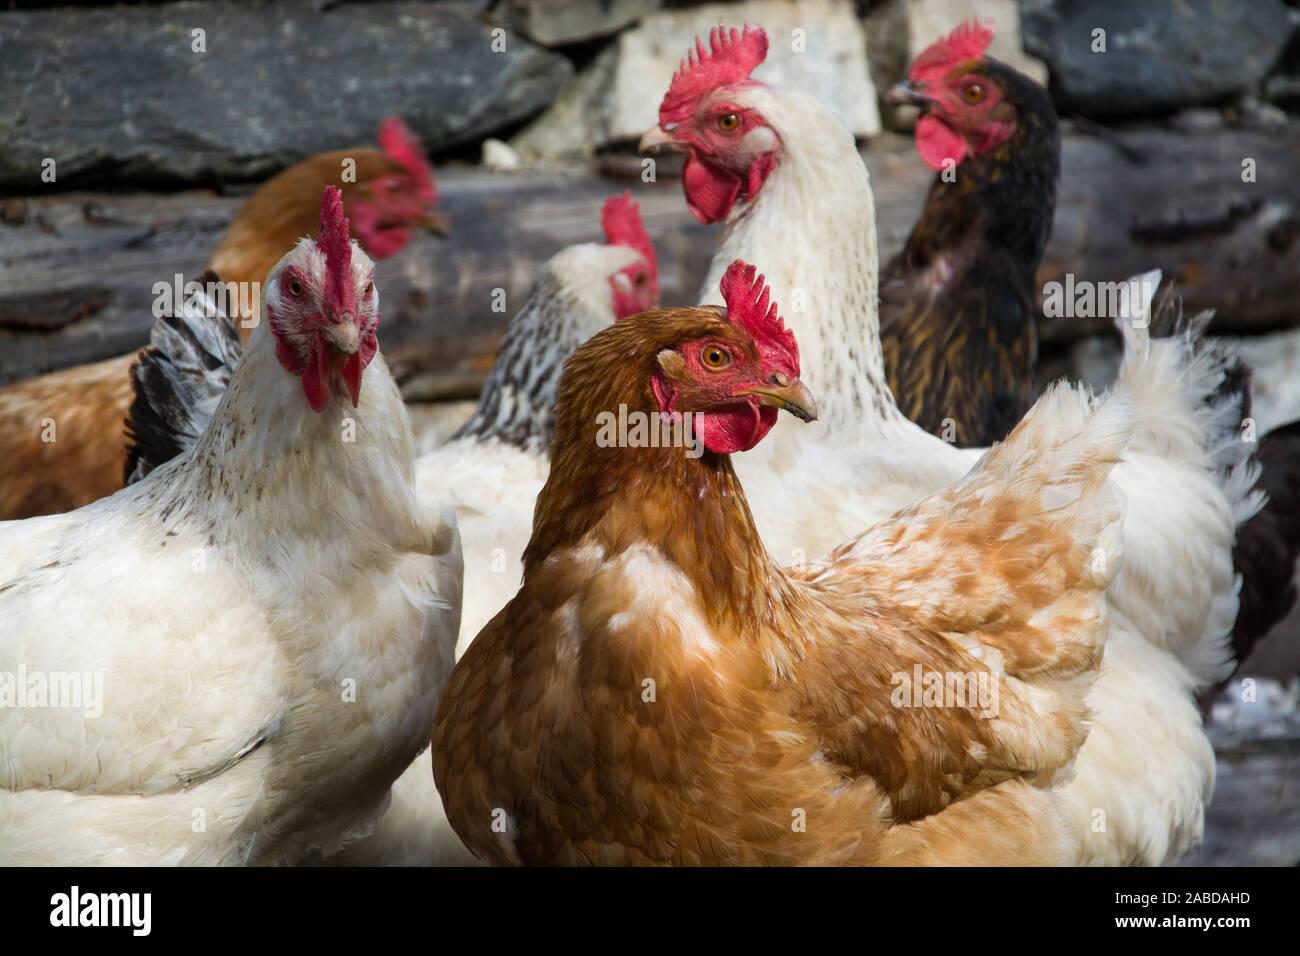 Frei laufende Hühner auf einem Bauernhof in Österreich. Stock Photo